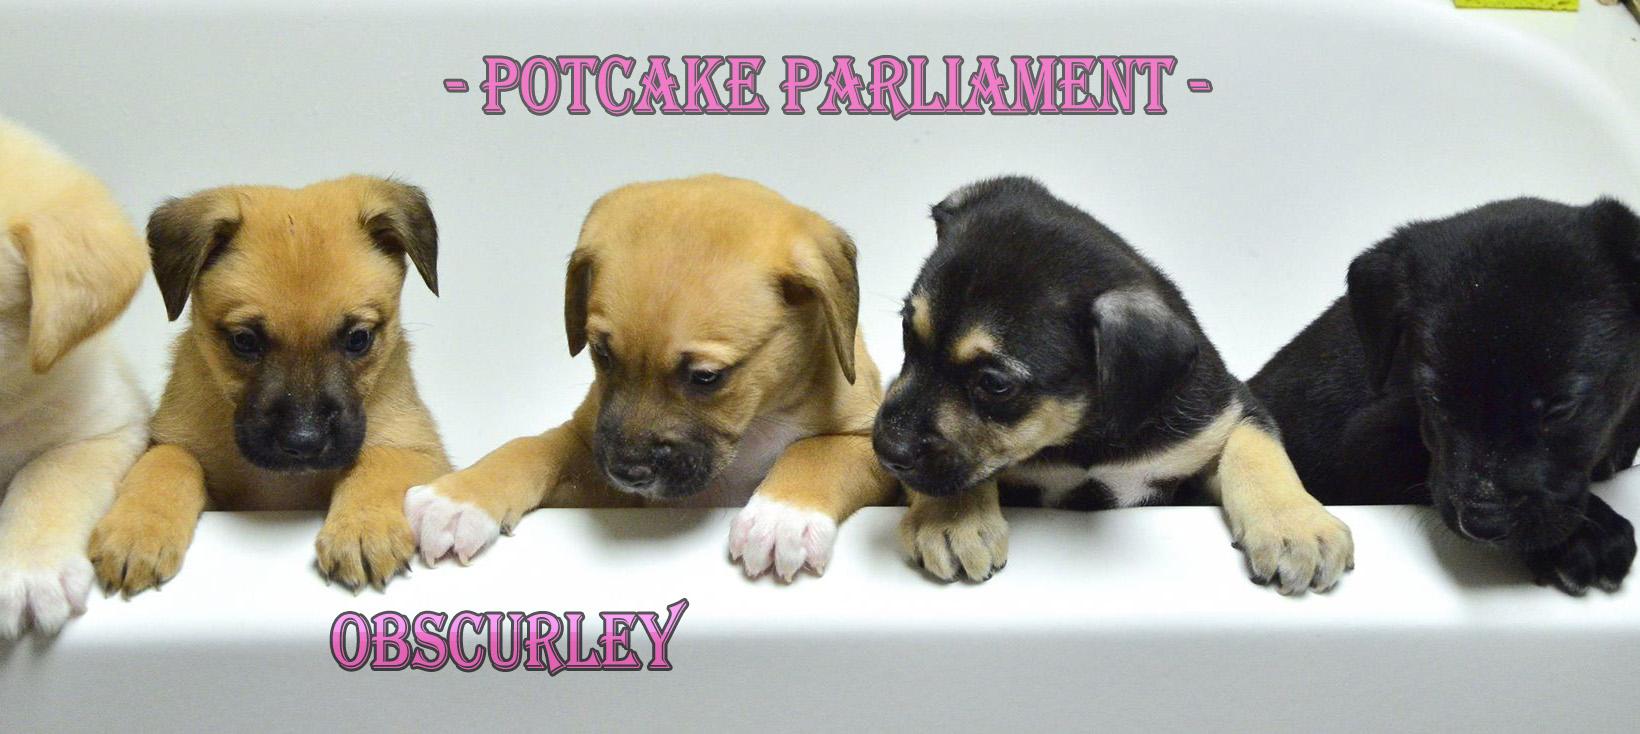 Potcake Parliament